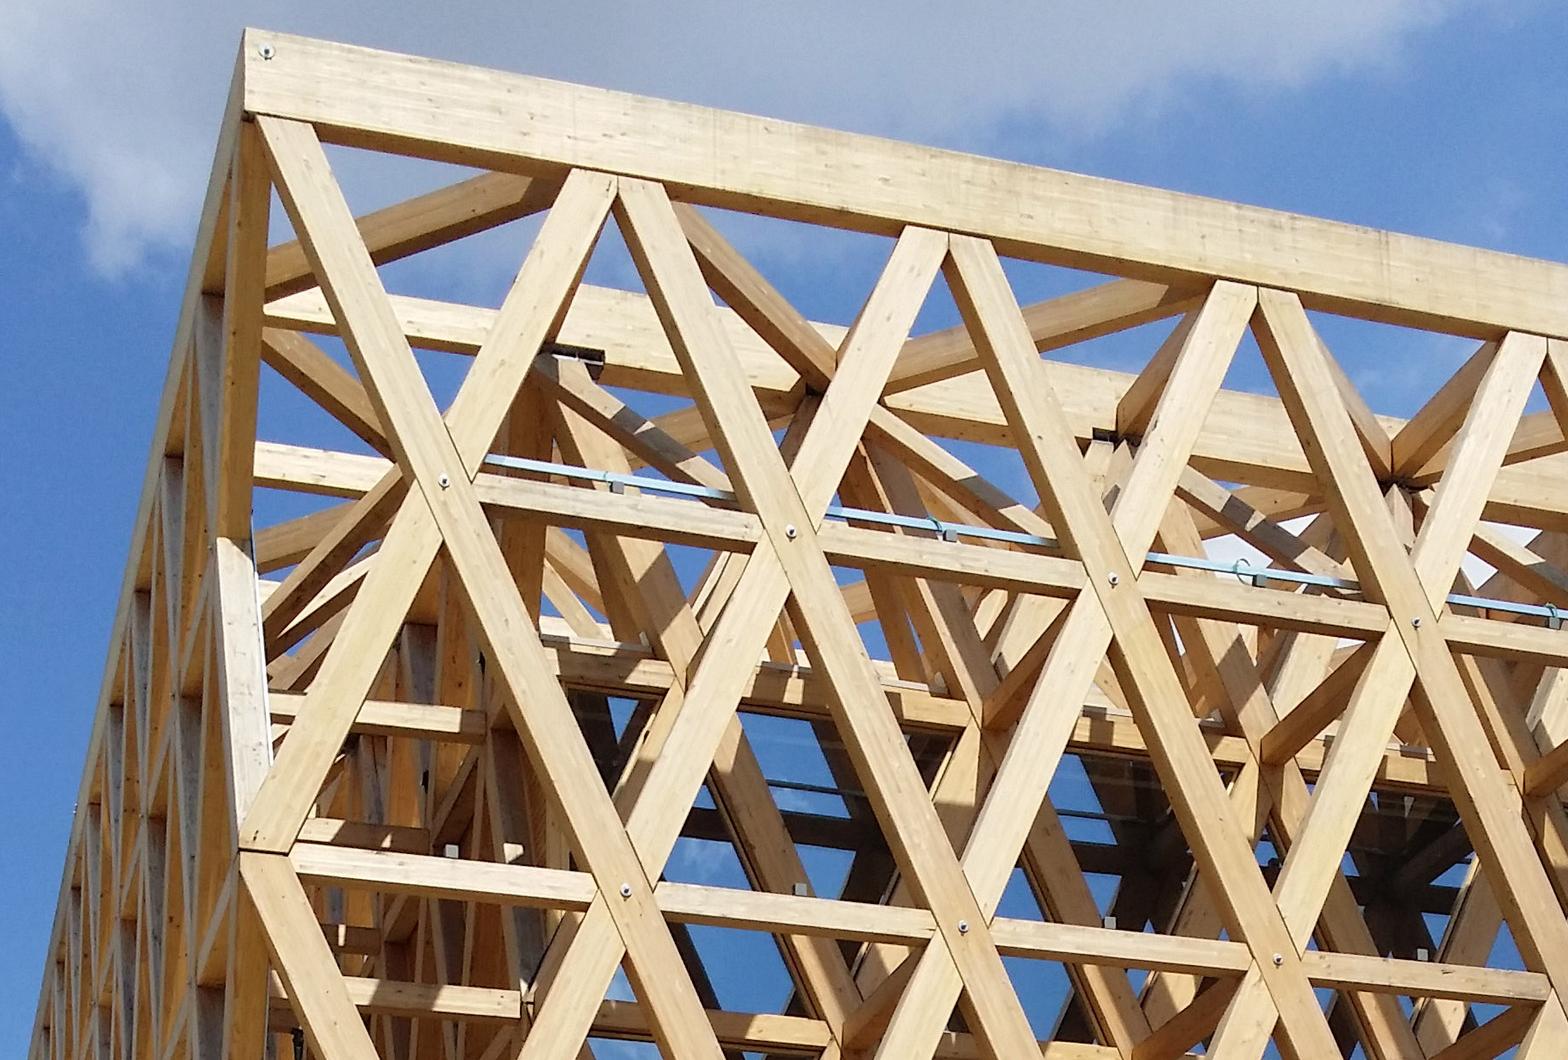 Materiales madera laminada y su aplicaci n en la - Casas de madera laminada ...